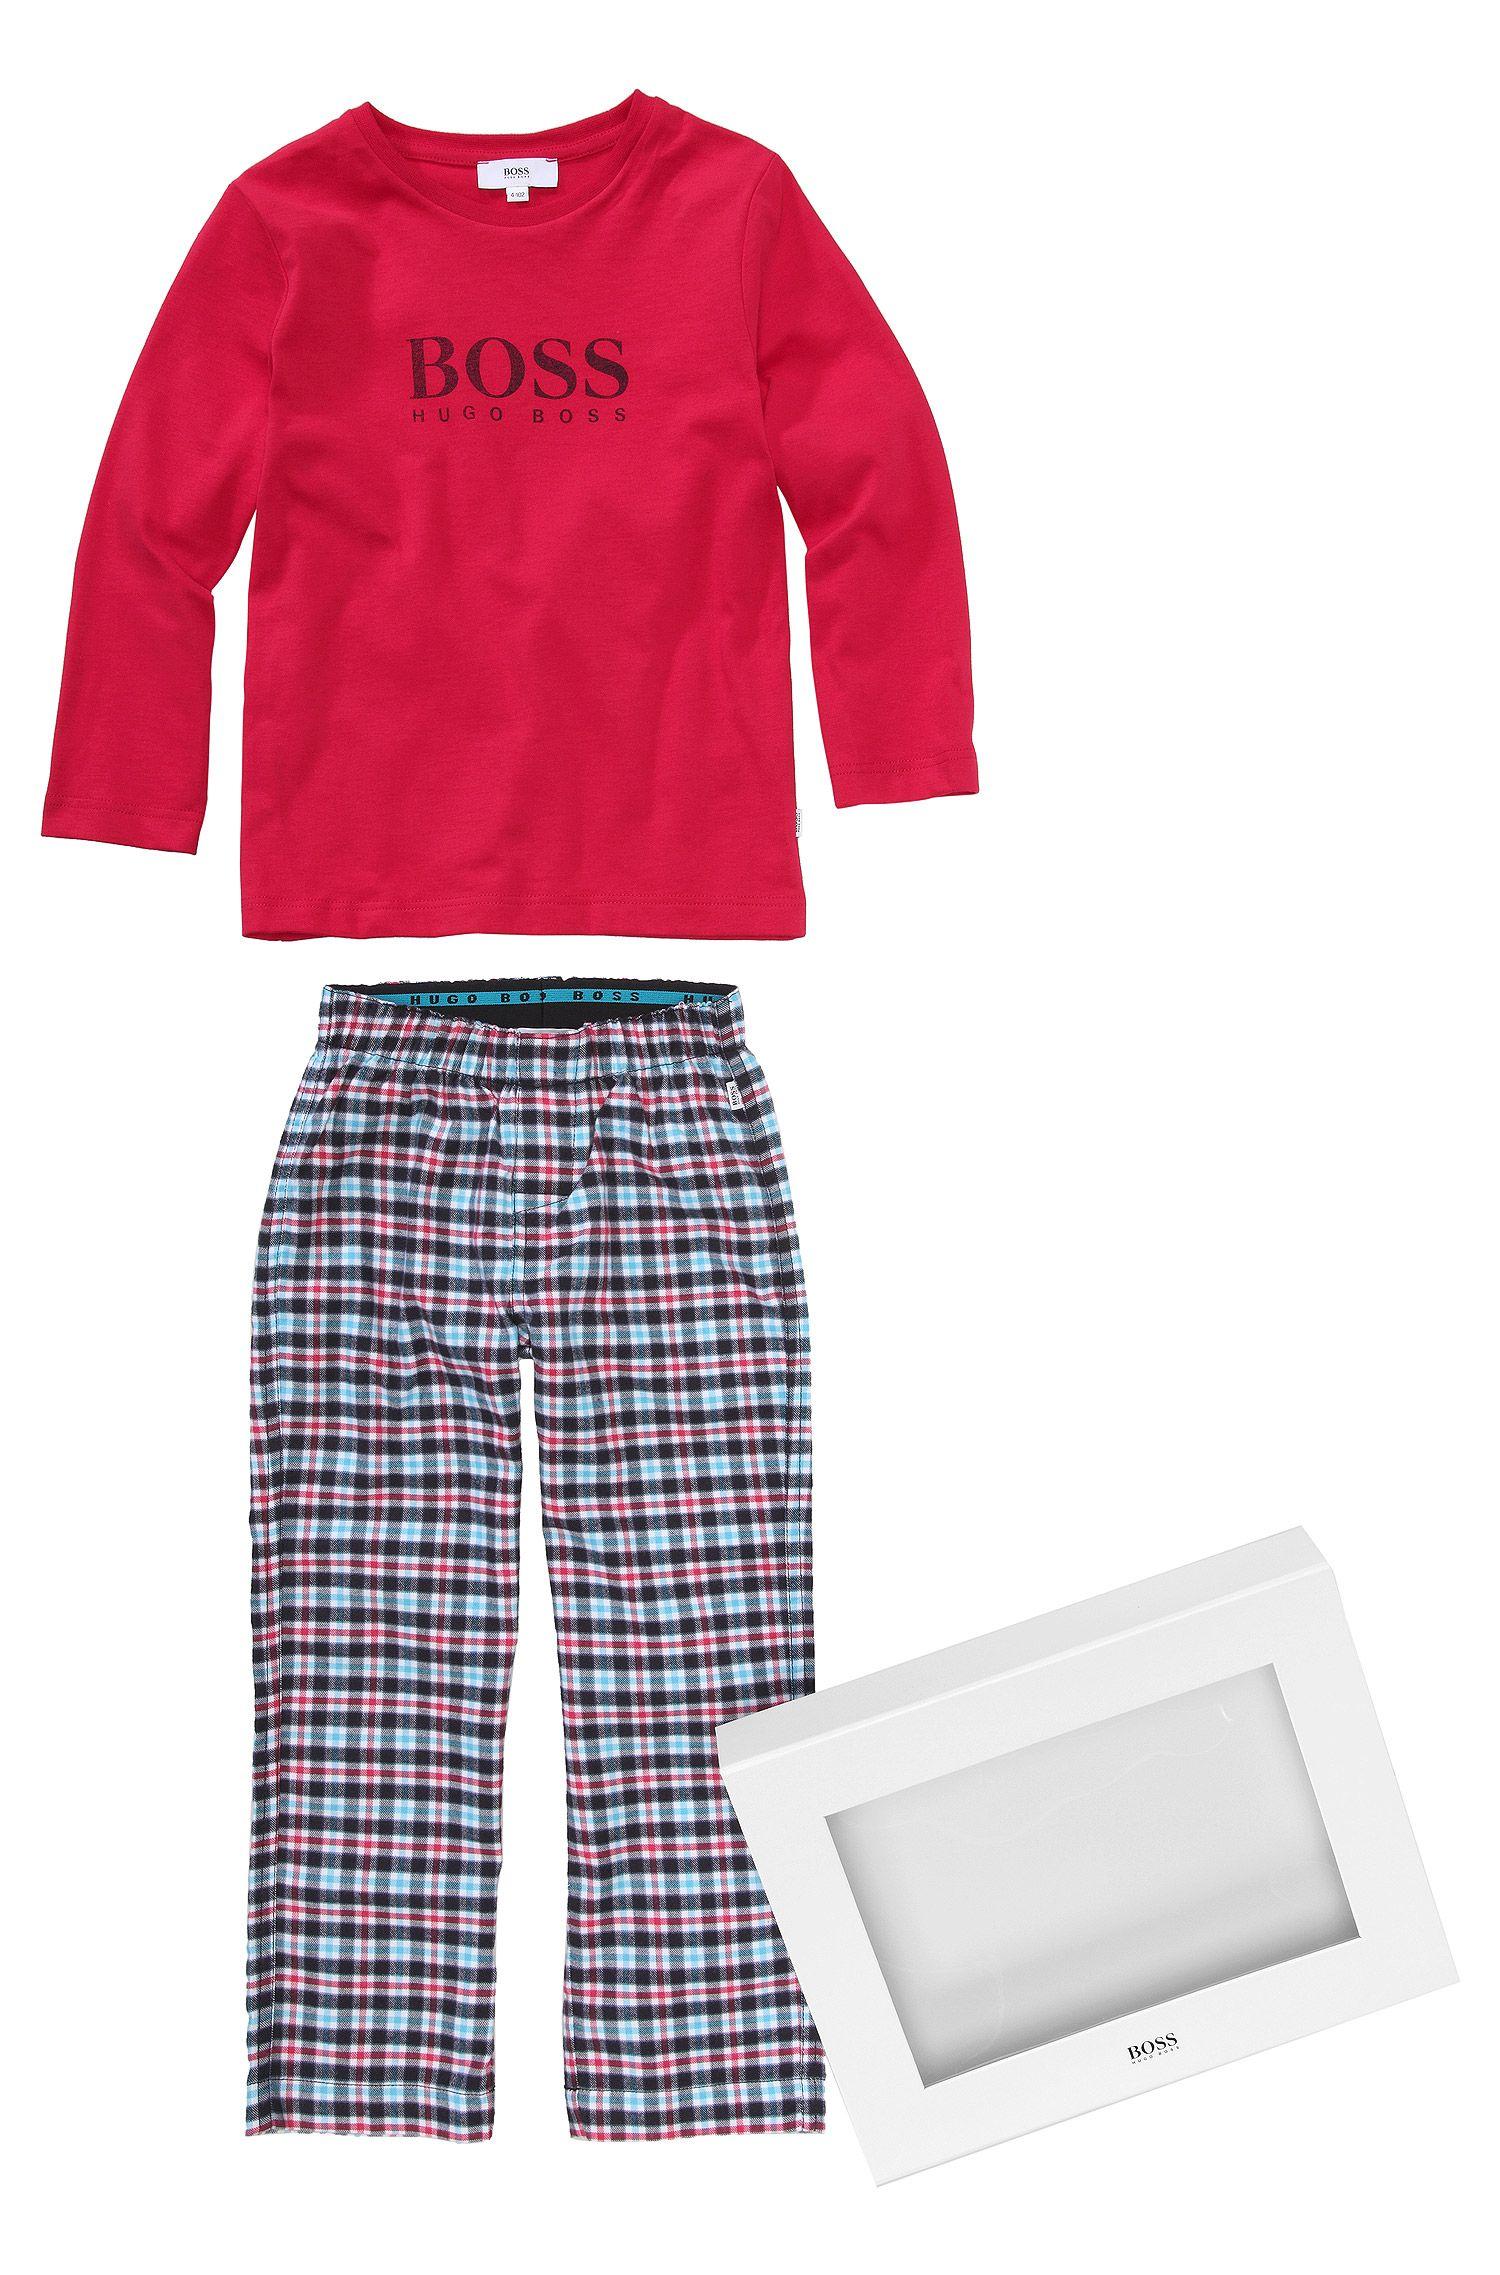 Pyjama pour enfant «J2K032» en coton